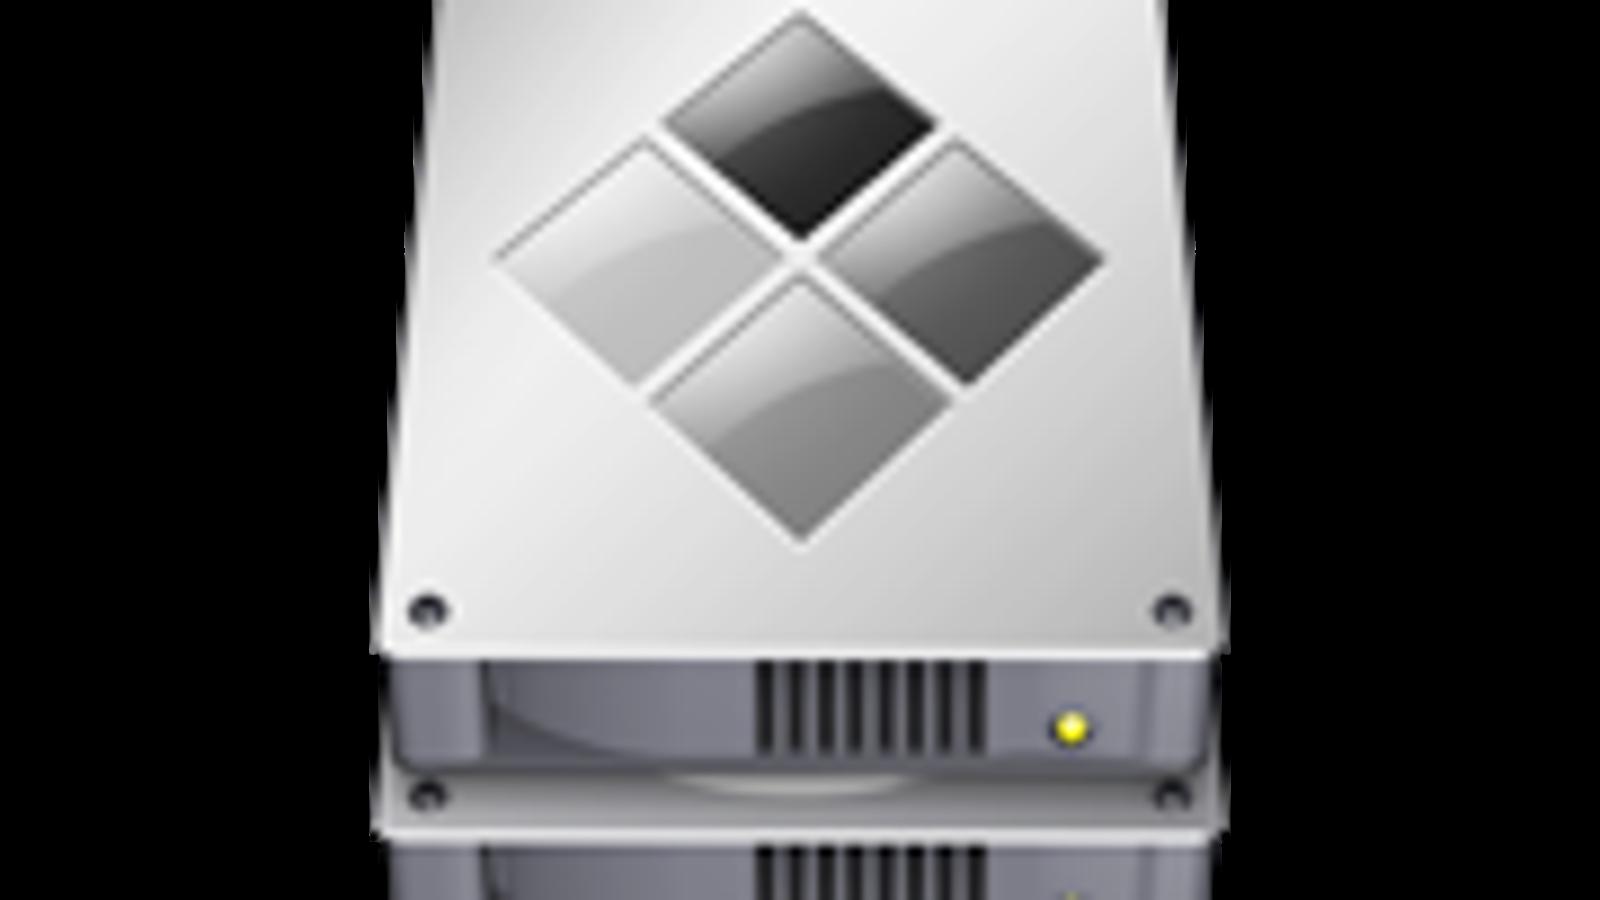 bootcamp windows 7 download 32 bit